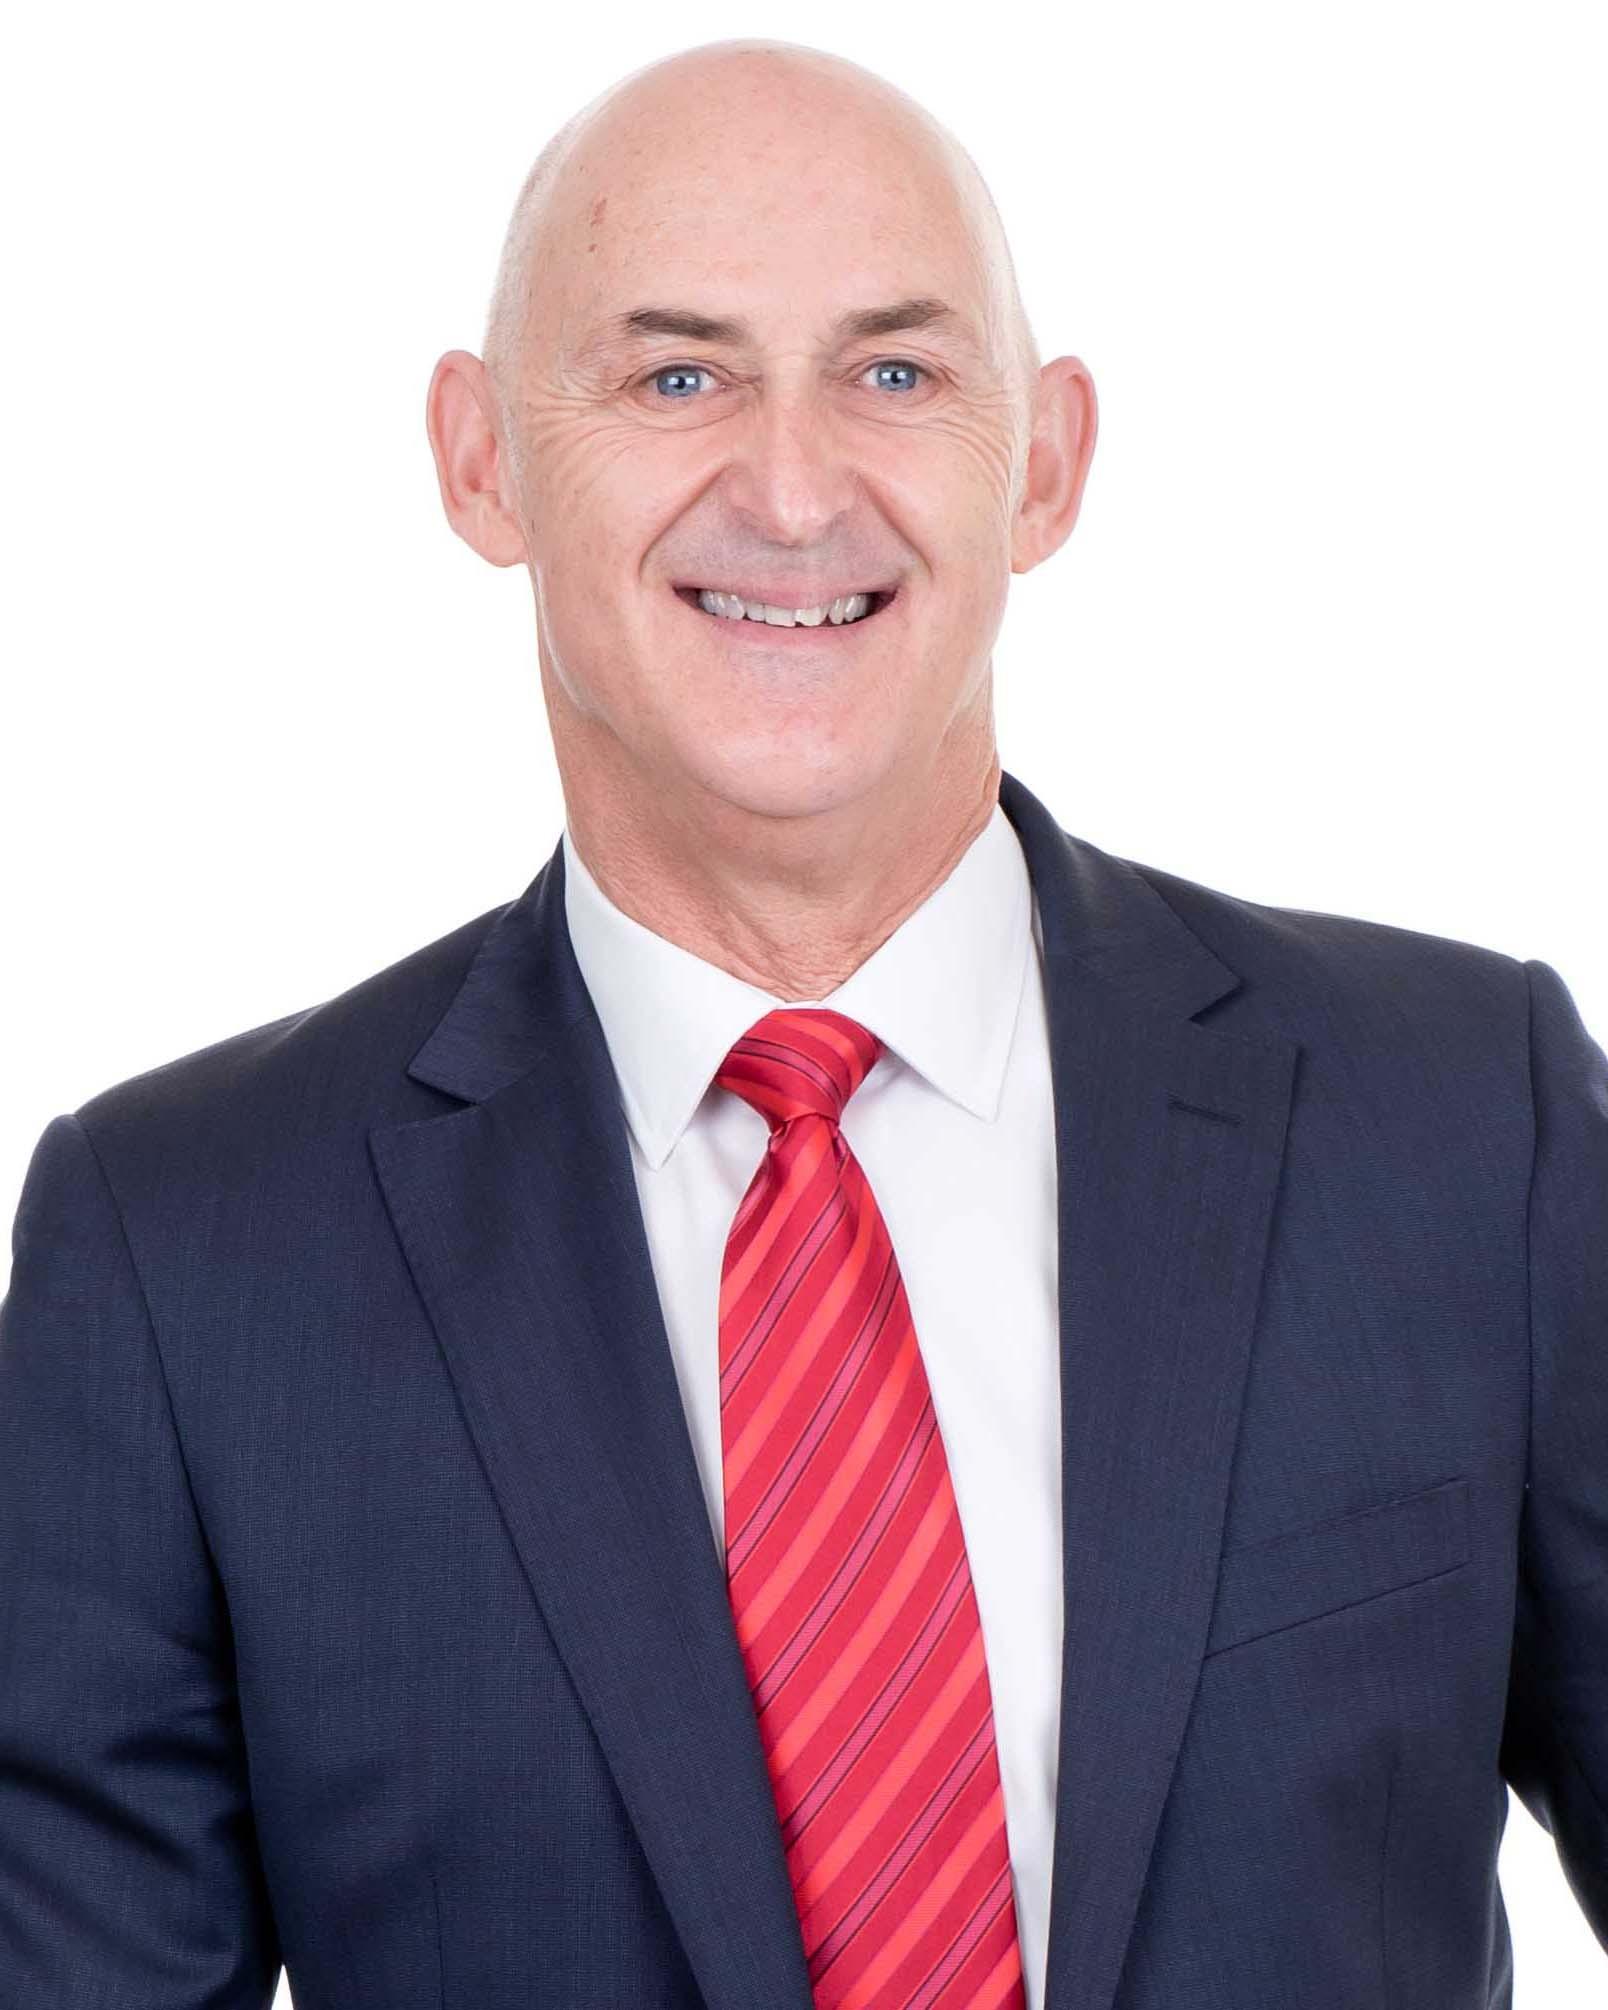 Dean Smith - profile image